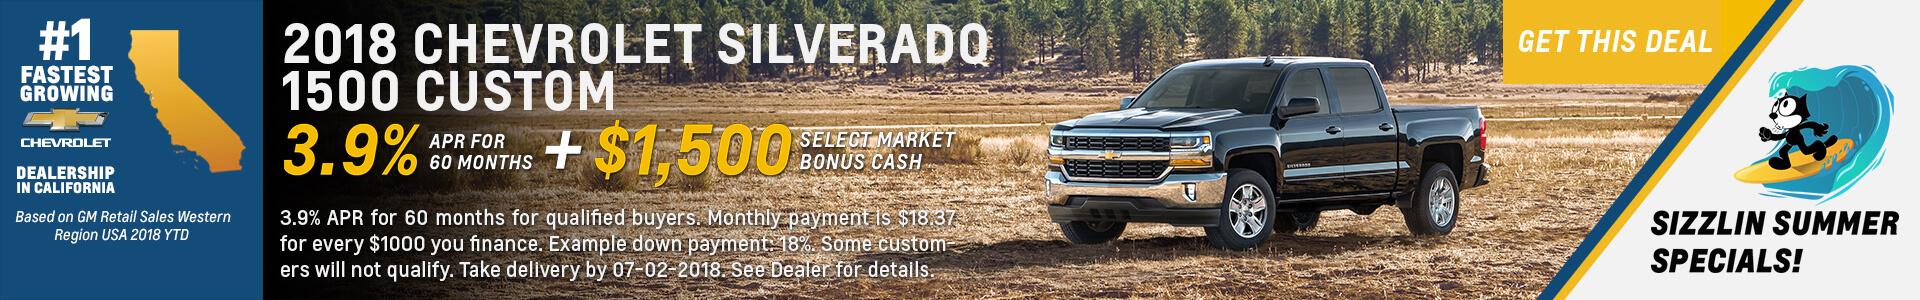 Chevrolet Silverado 3.9% APR